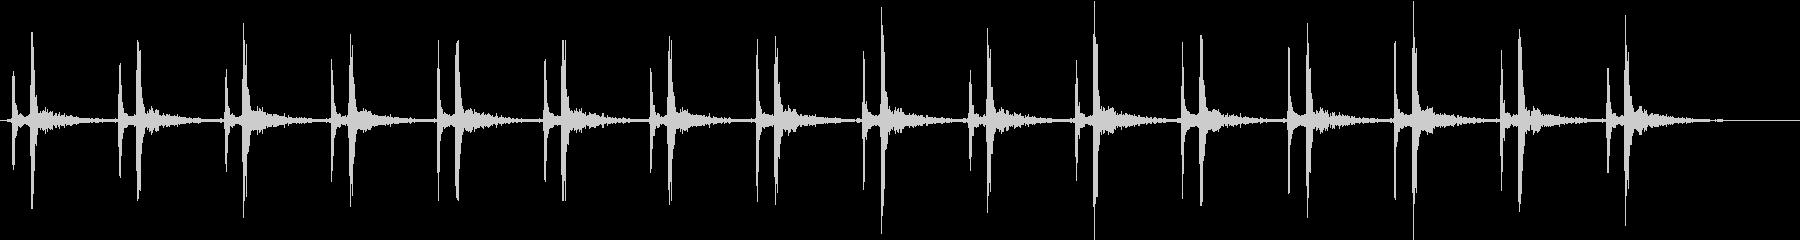 心臓の効果音(少し早め)の未再生の波形